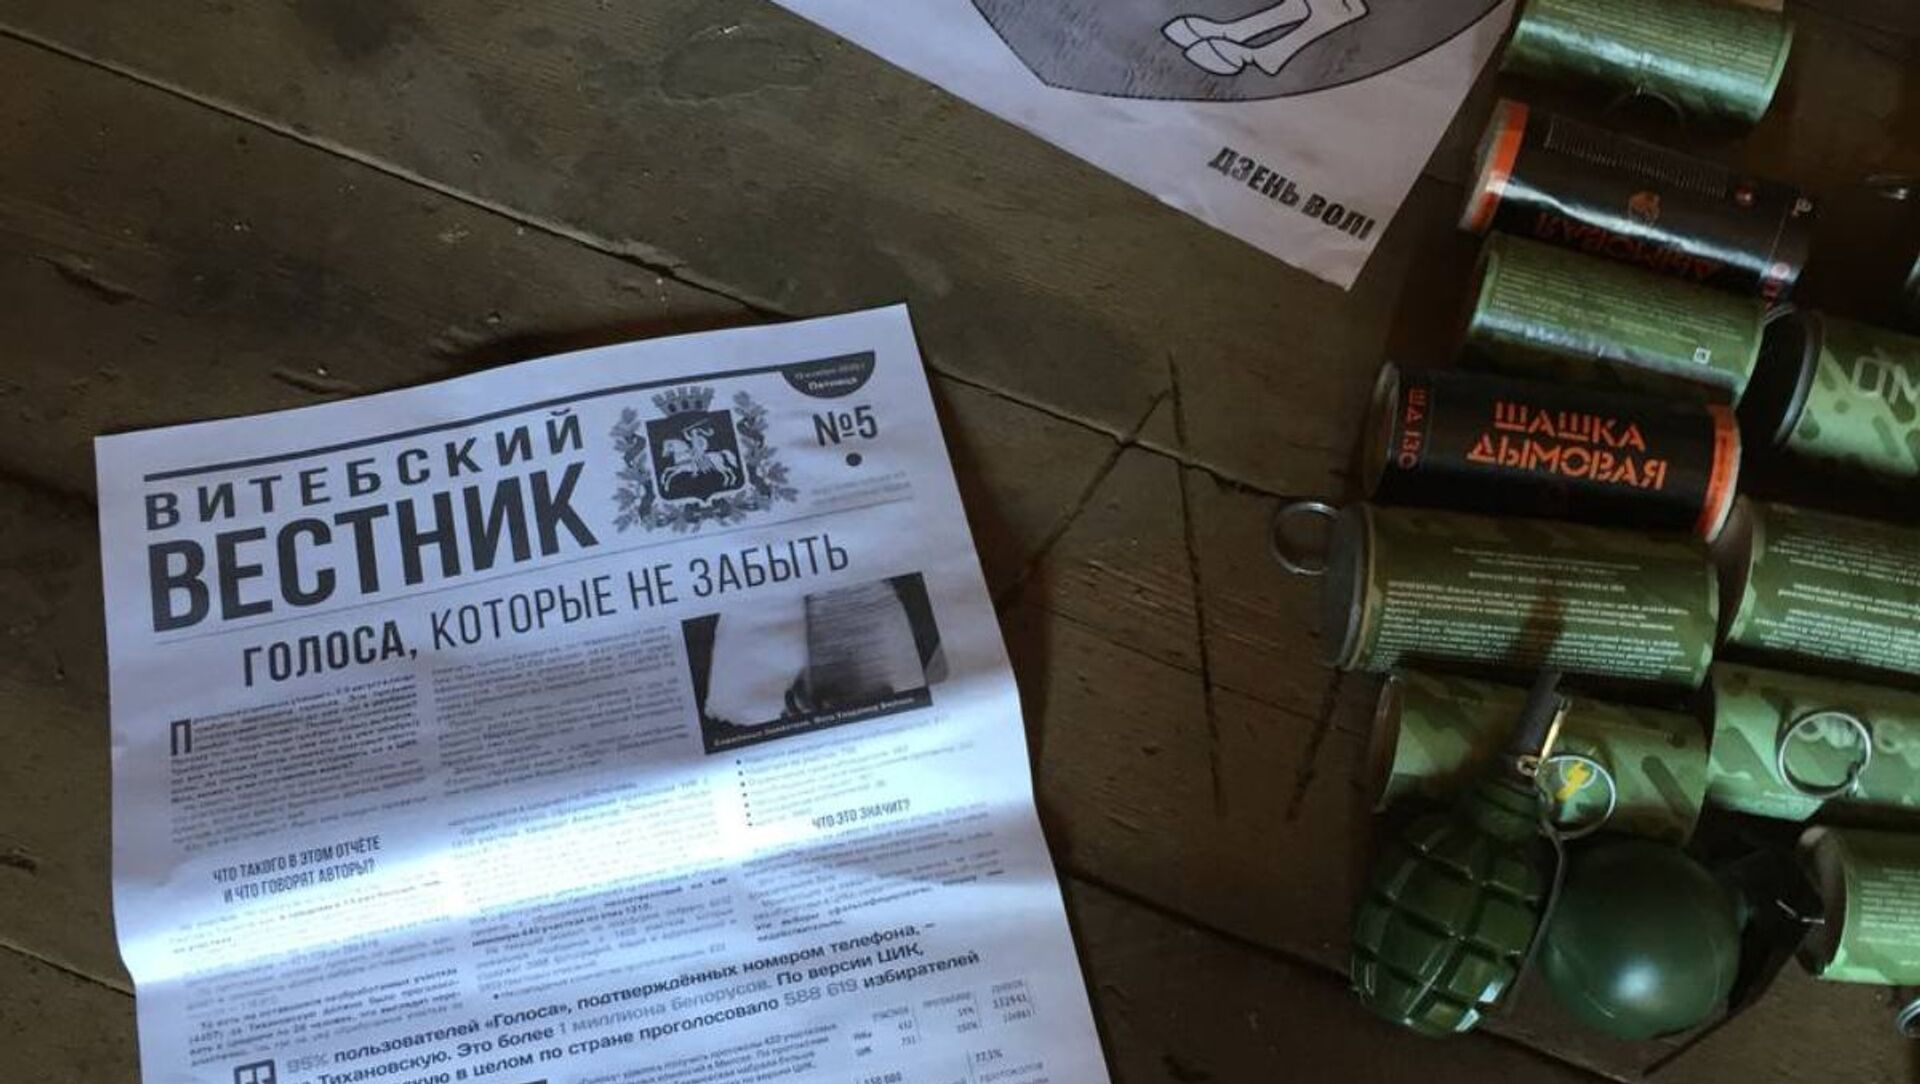 Почти детективная история: как милиция накрыла сеть по распространению СМИ - Sputnik Беларусь, 1920, 13.04.2021